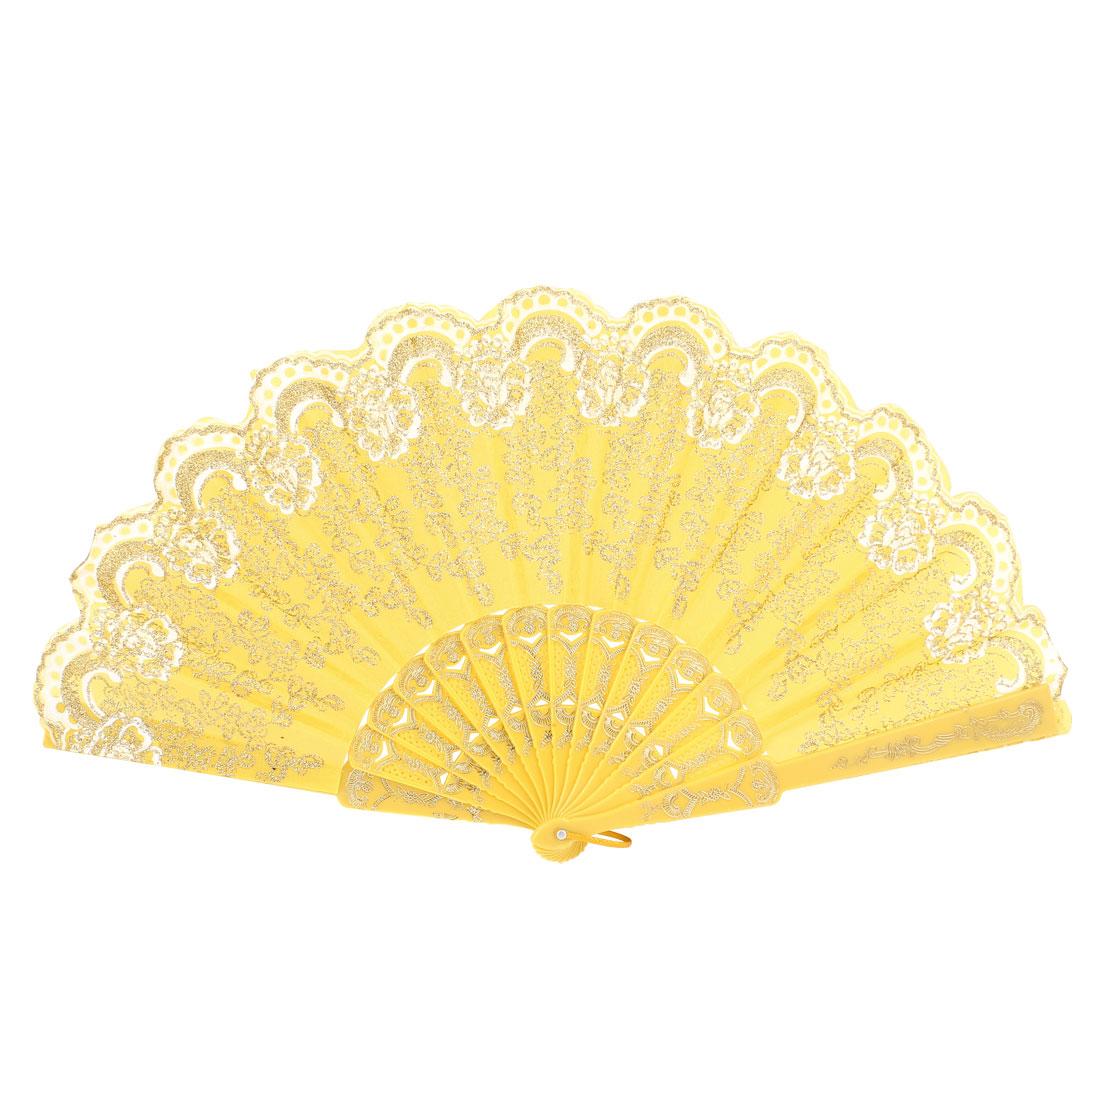 Asian Chinese Style Glitter Powder Flower Pattern Folding Hand Pocket Fan Yellow